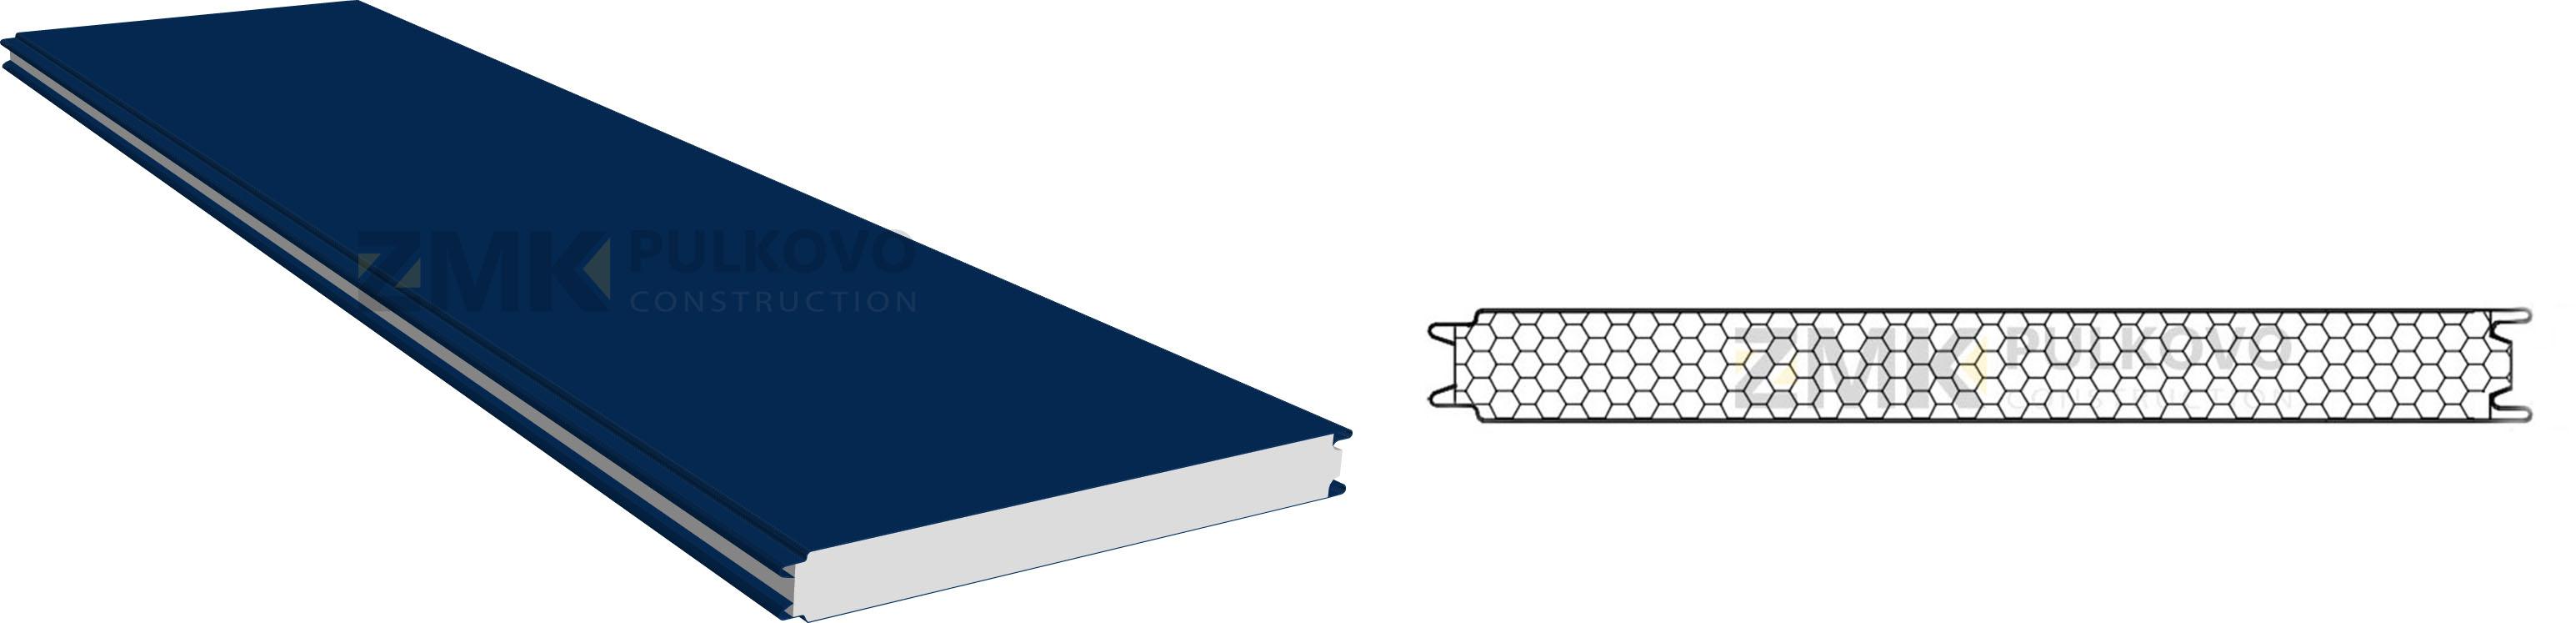 Кровля из сэндвич-панелей: характеристики, размеры и технология установки